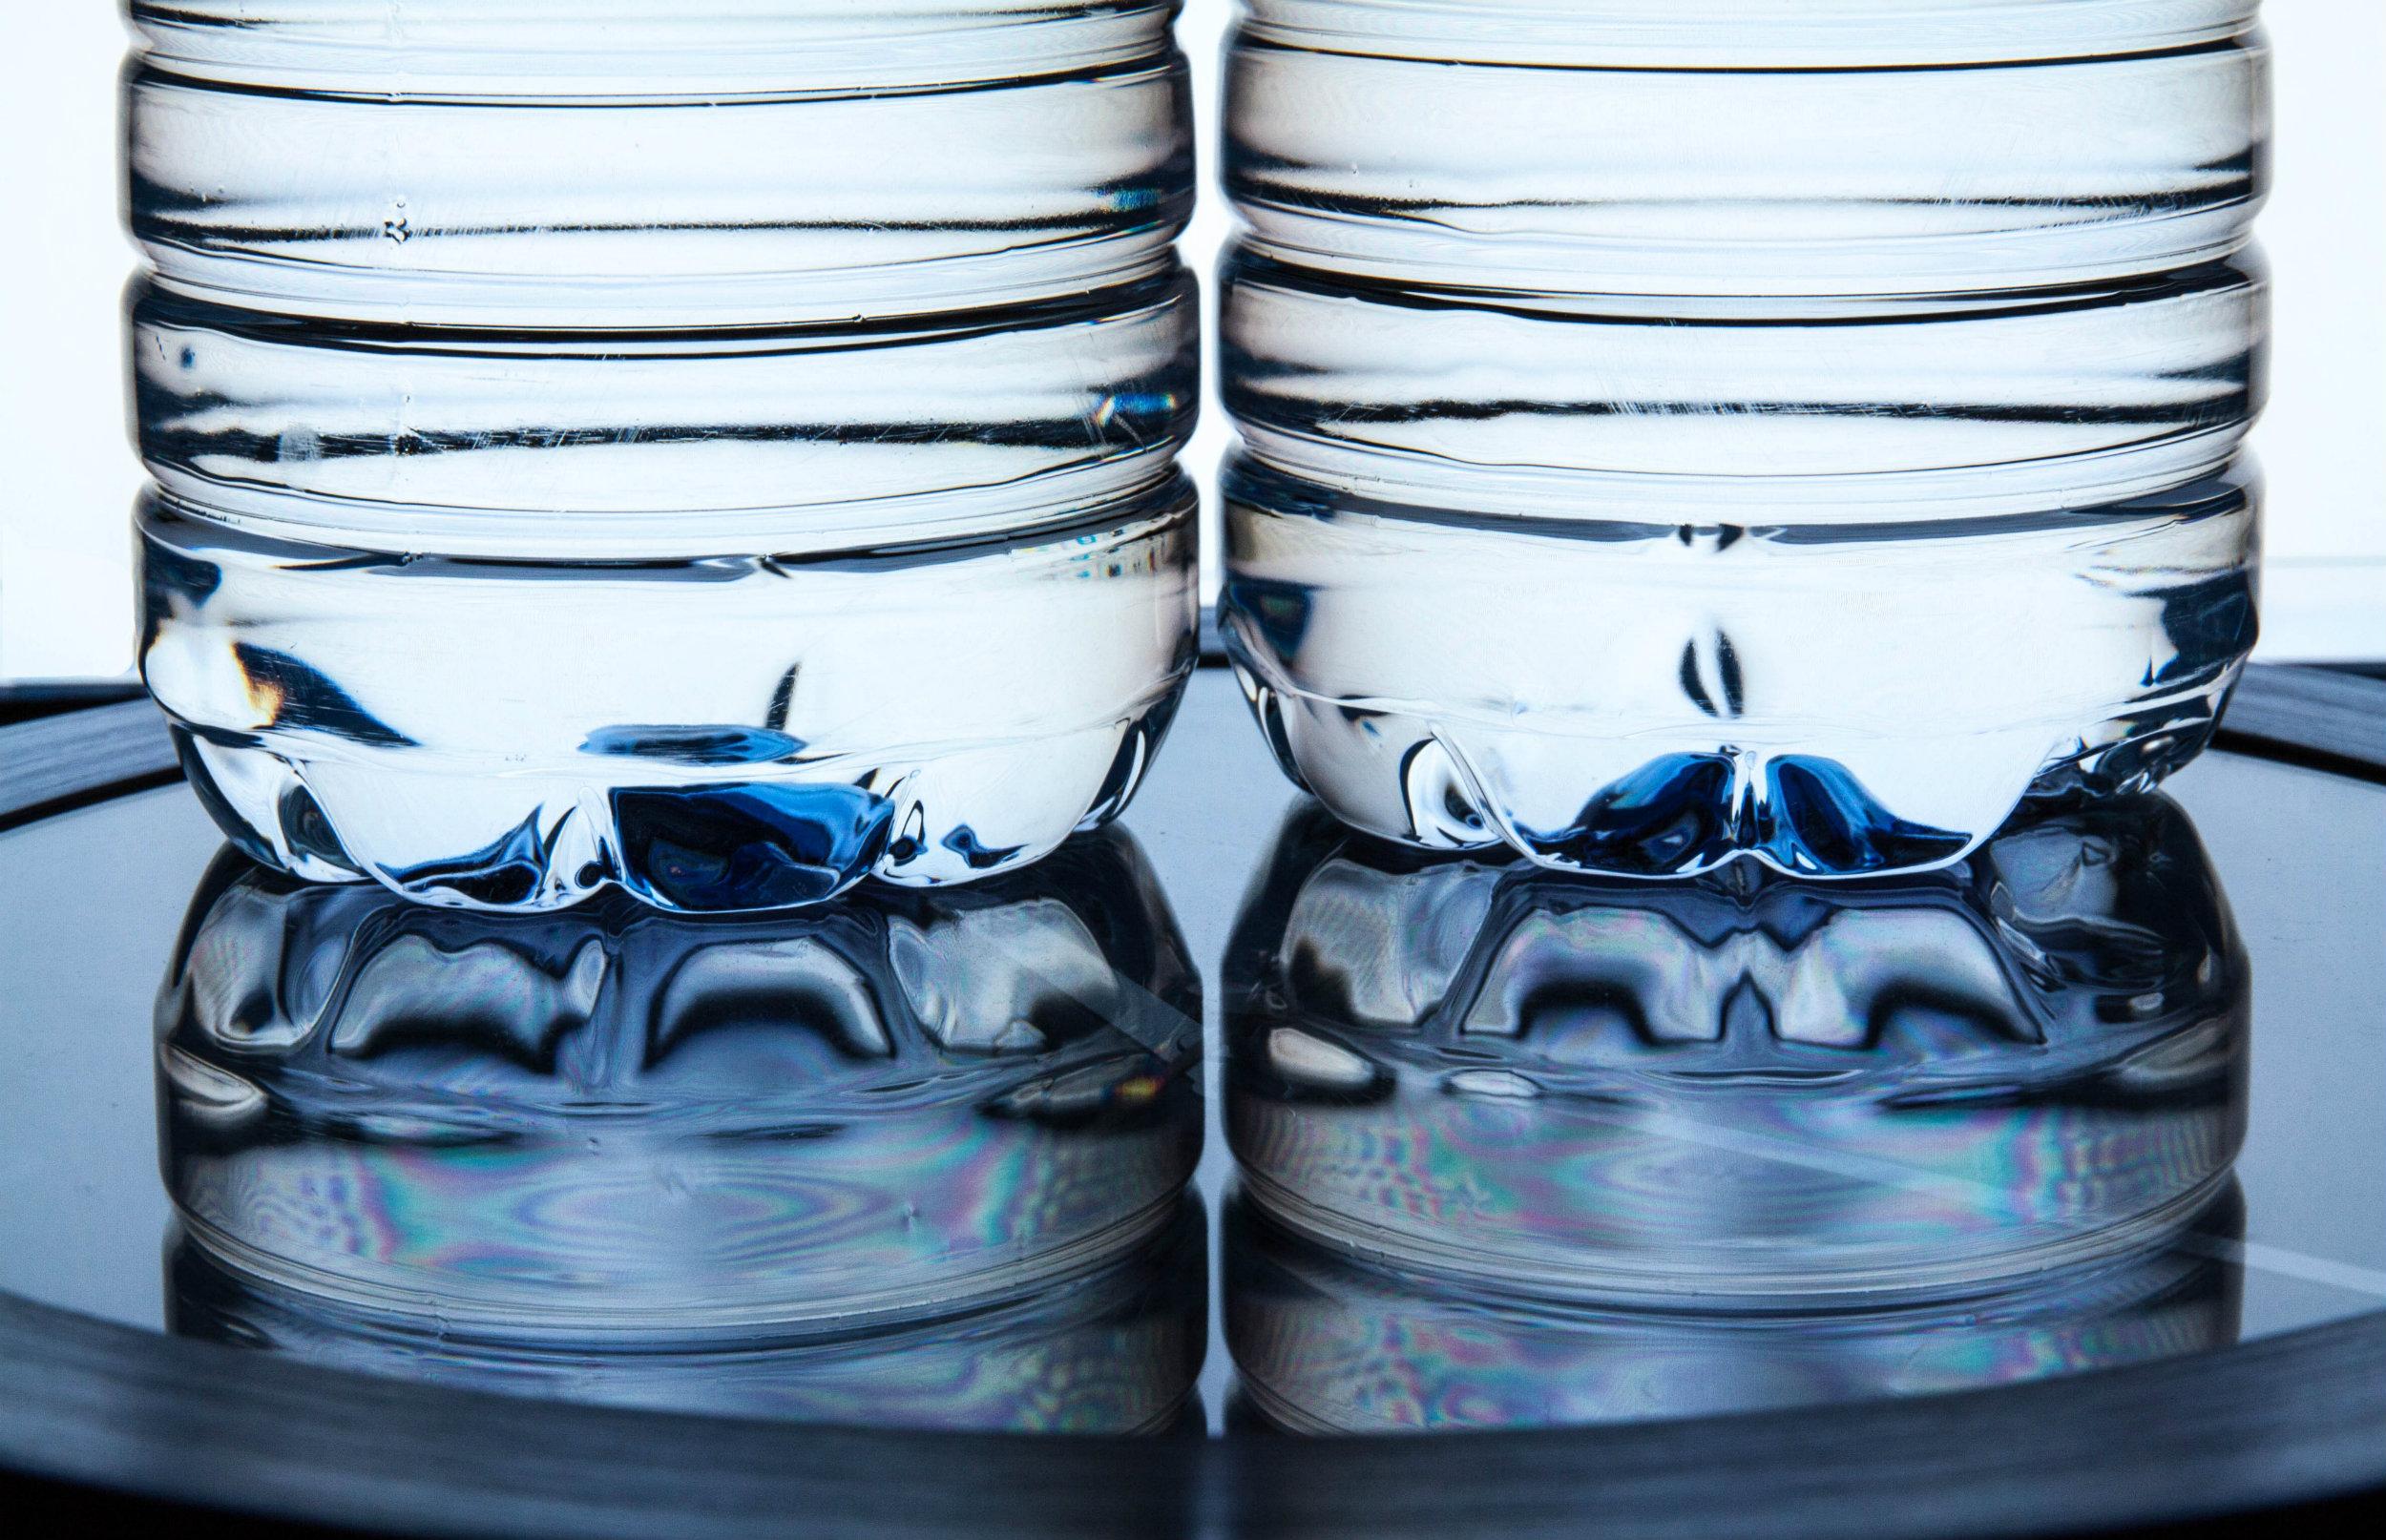 EU sætter ind mod forbruget af flaskevand